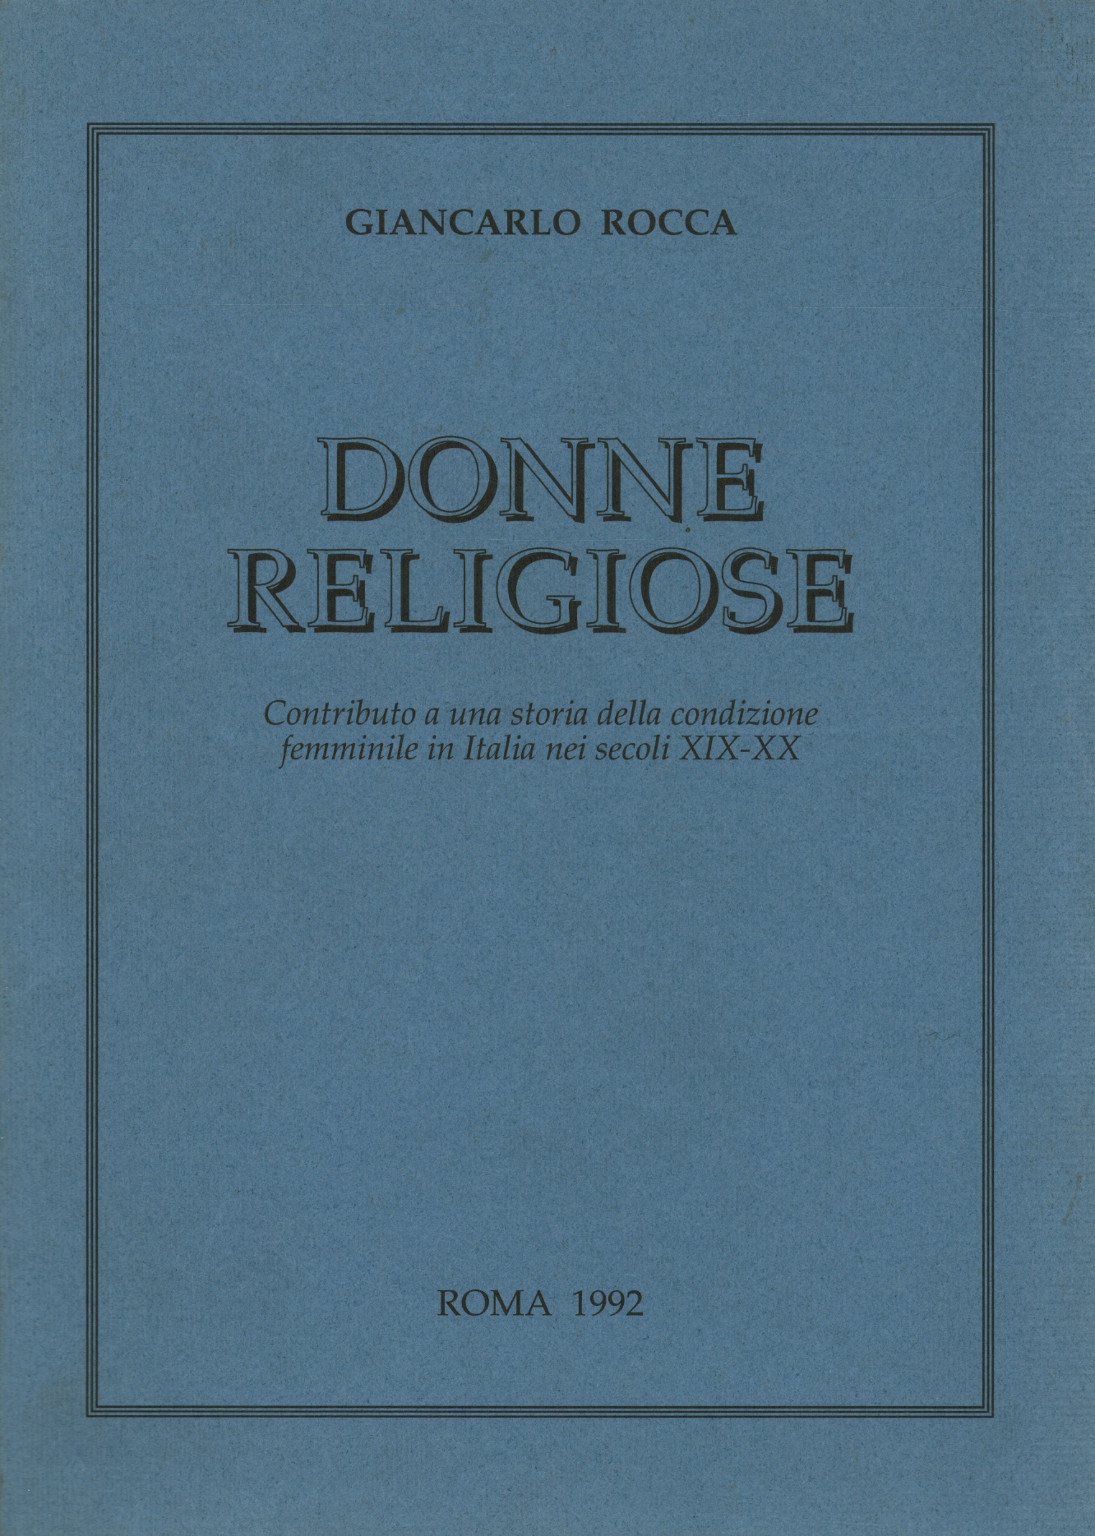 librerie religiose